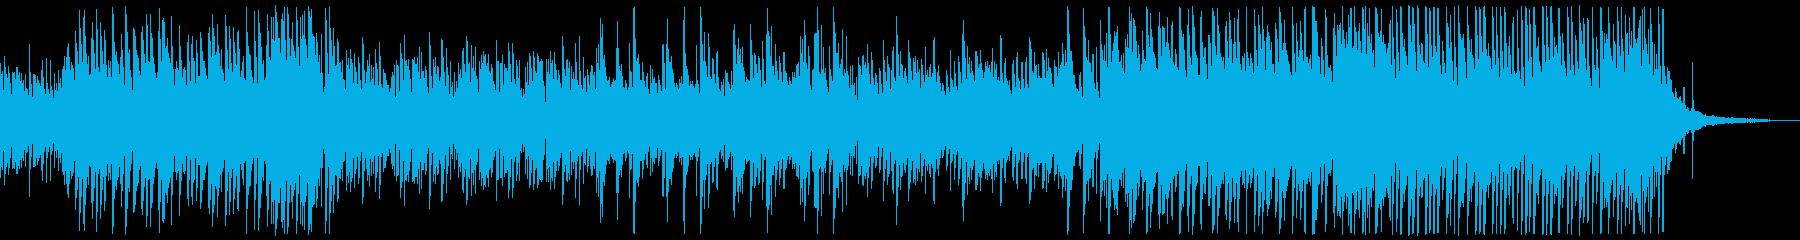 和風でドラマティックなピアノインストの再生済みの波形